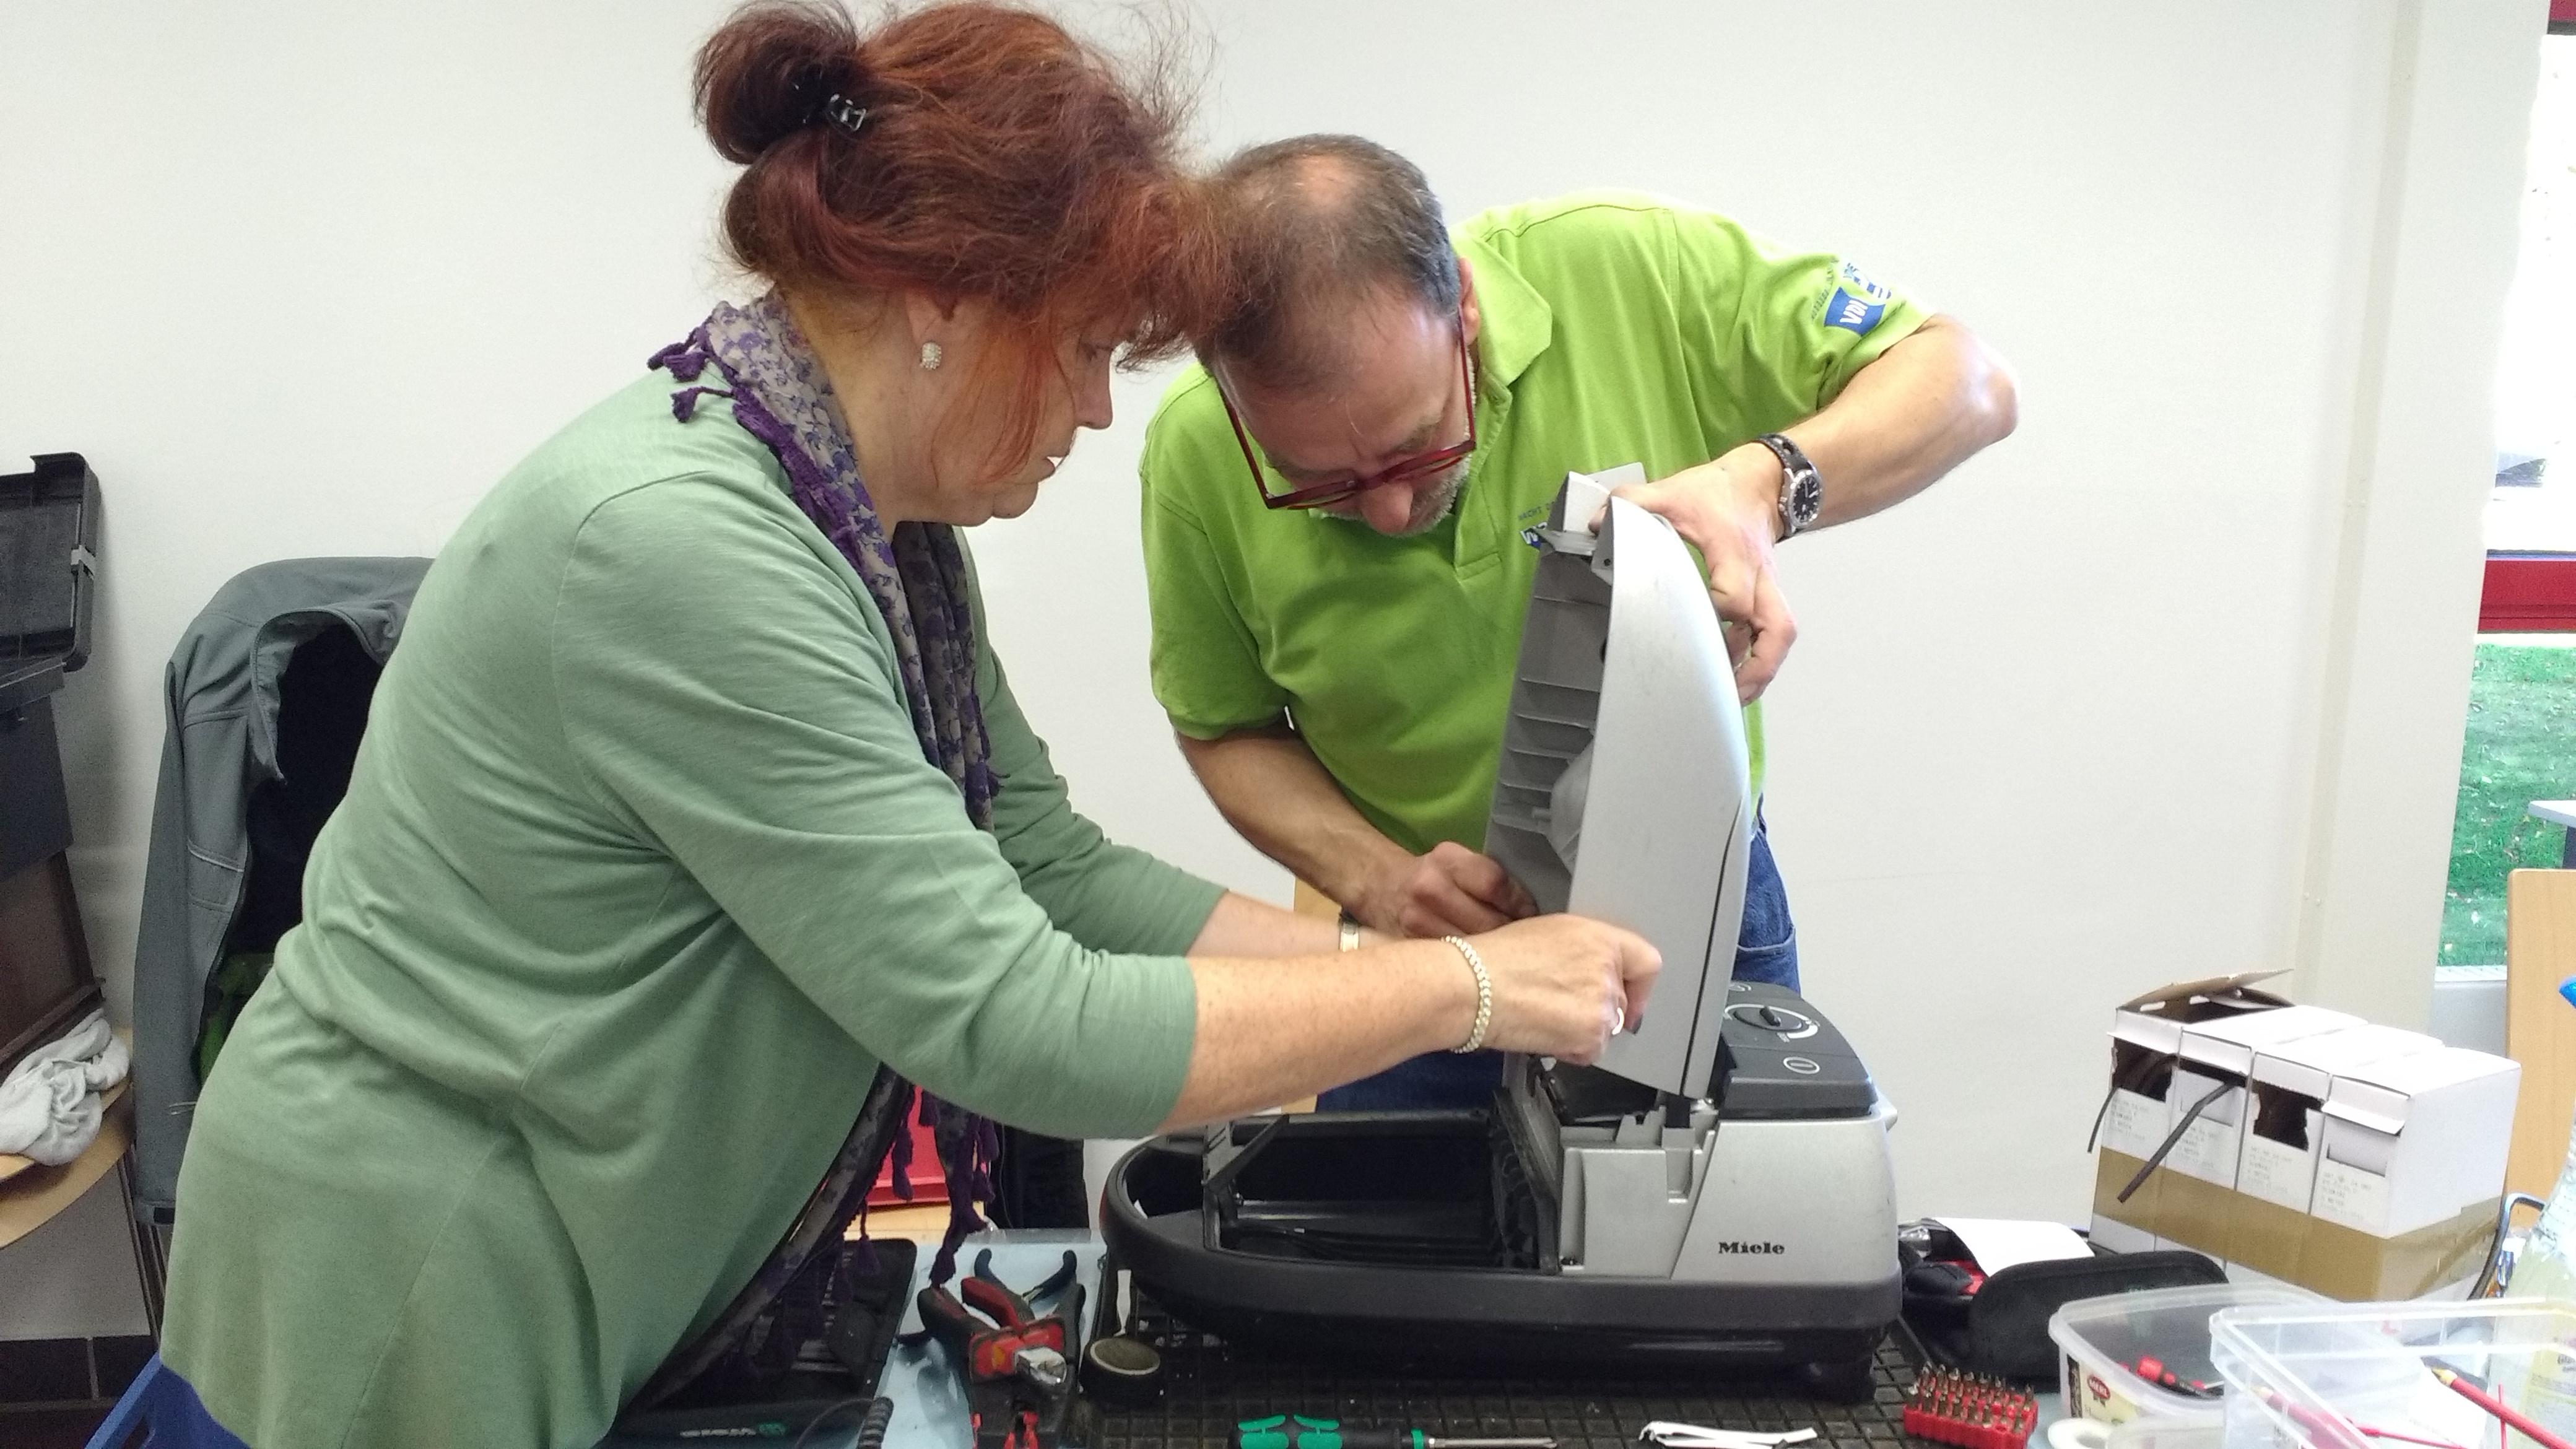 Ein Mann und eine Frau reparieren gemeinsam einen Staubsauger